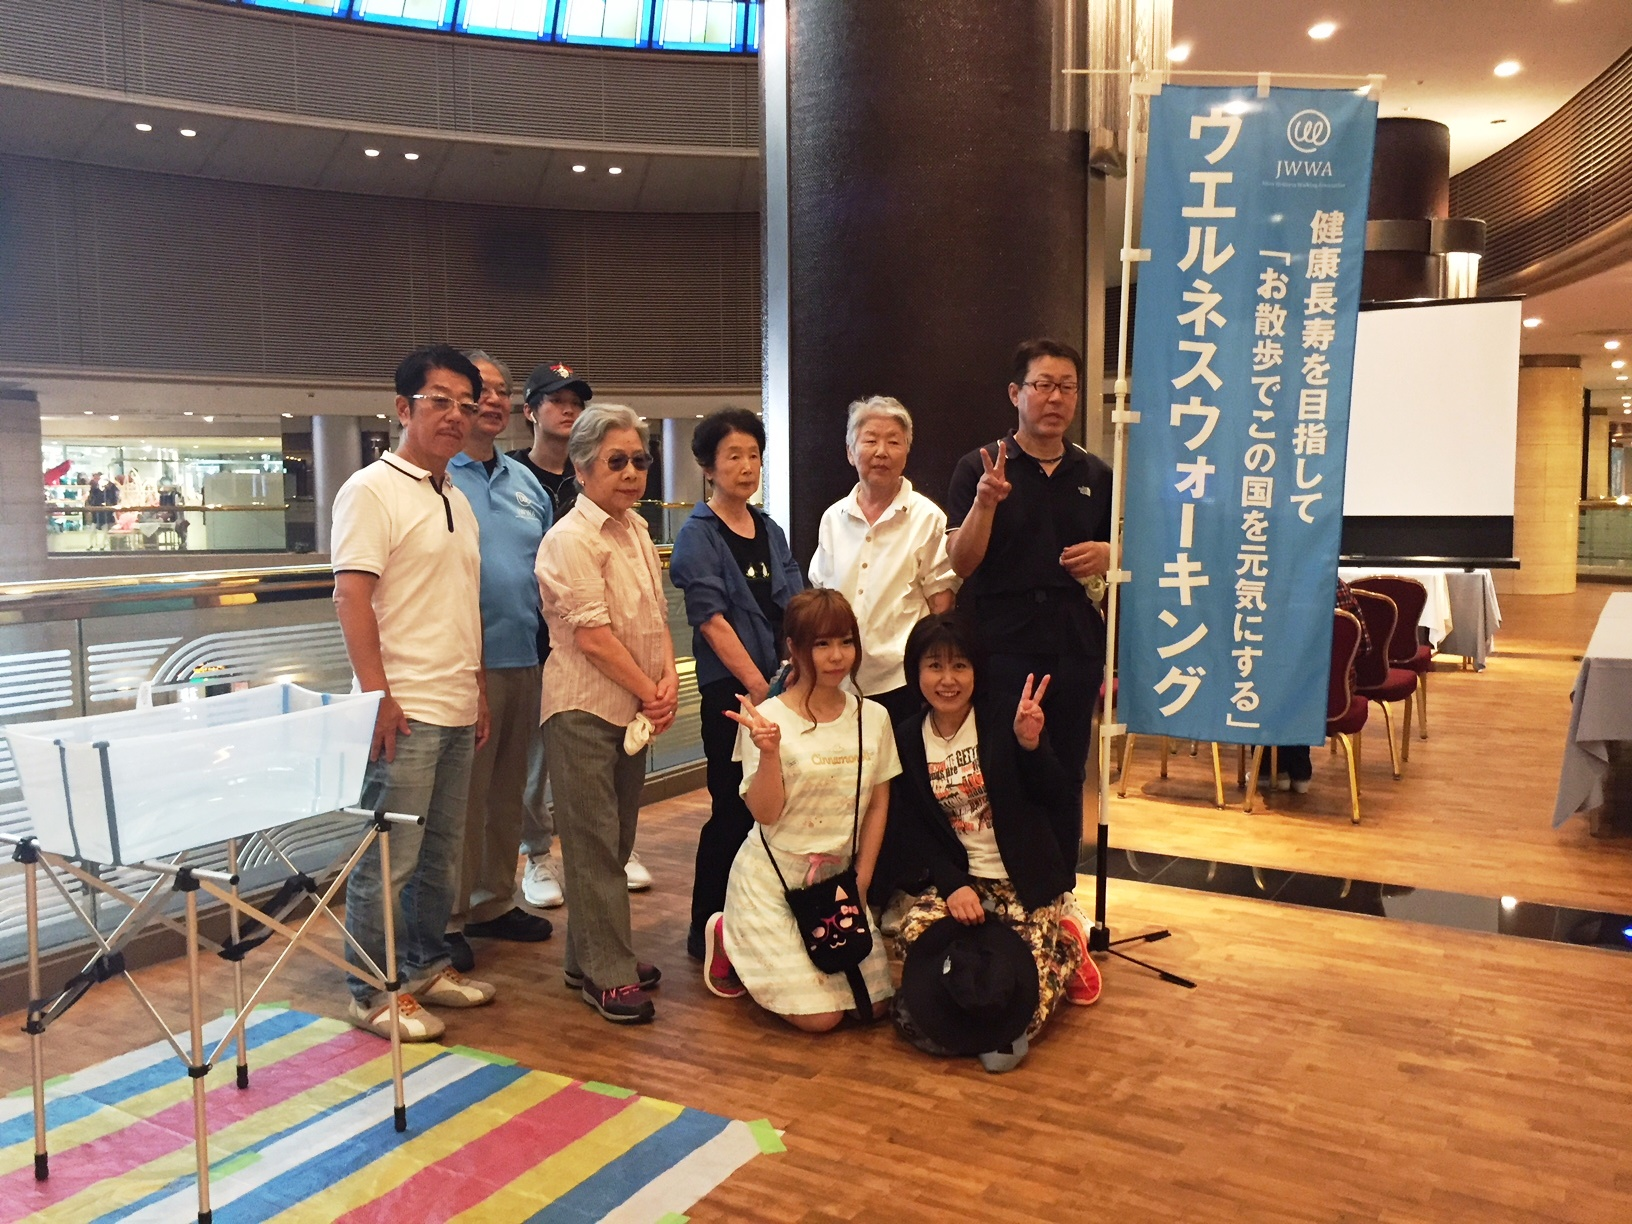 神戸ポートピアホテルウエルネスウォーキング参加者募集のイメージ